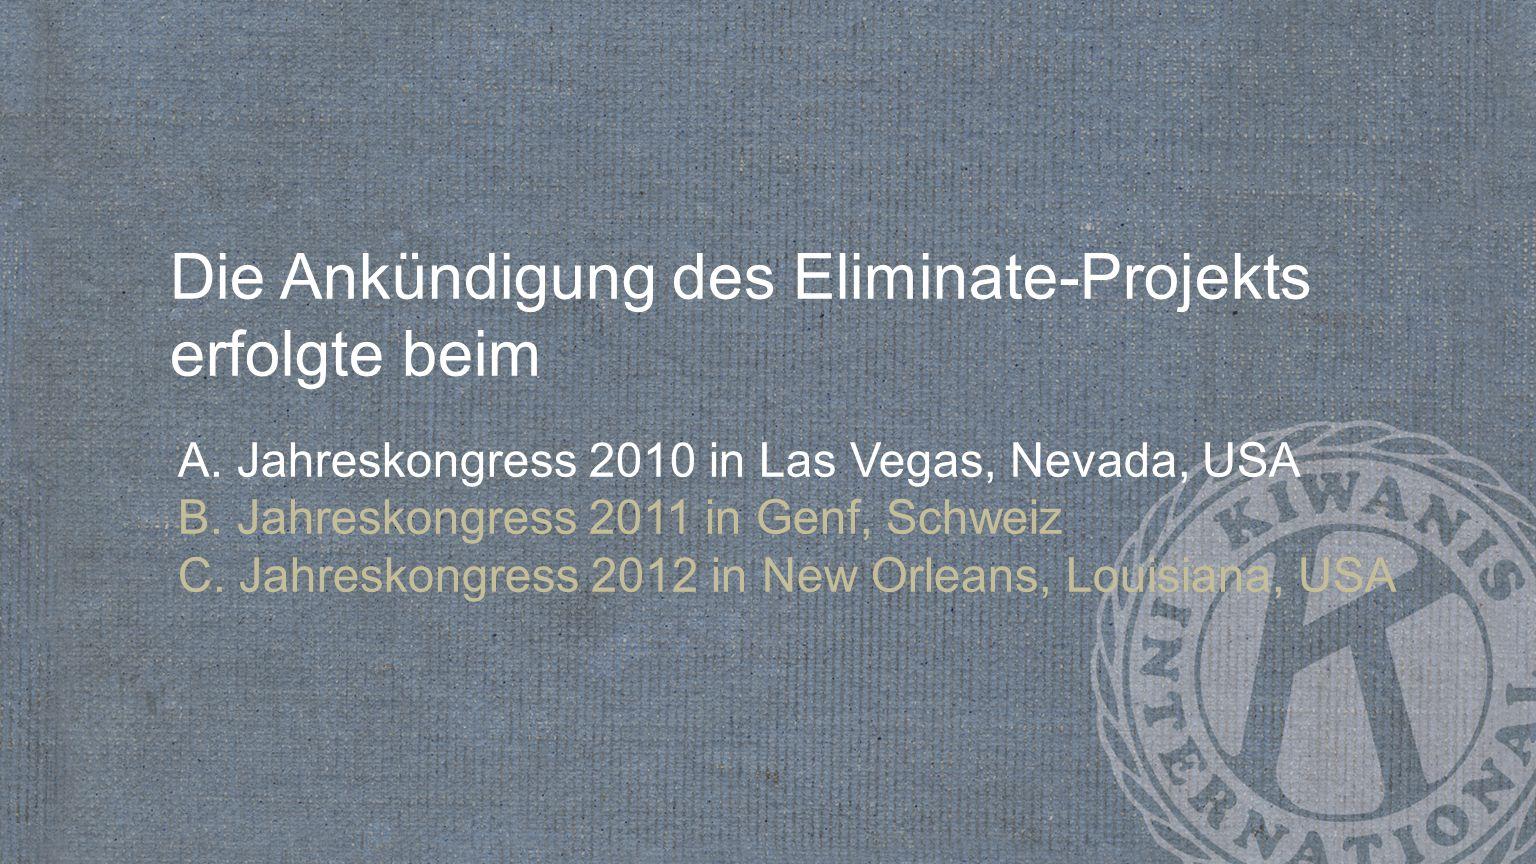 Die Ankündigung des Eliminate-Projekts erfolgte beim A. Jahreskongress 2010 in Las Vegas, Nevada, USA B. Jahreskongress 2011 in Genf, Schweiz C. Jahre